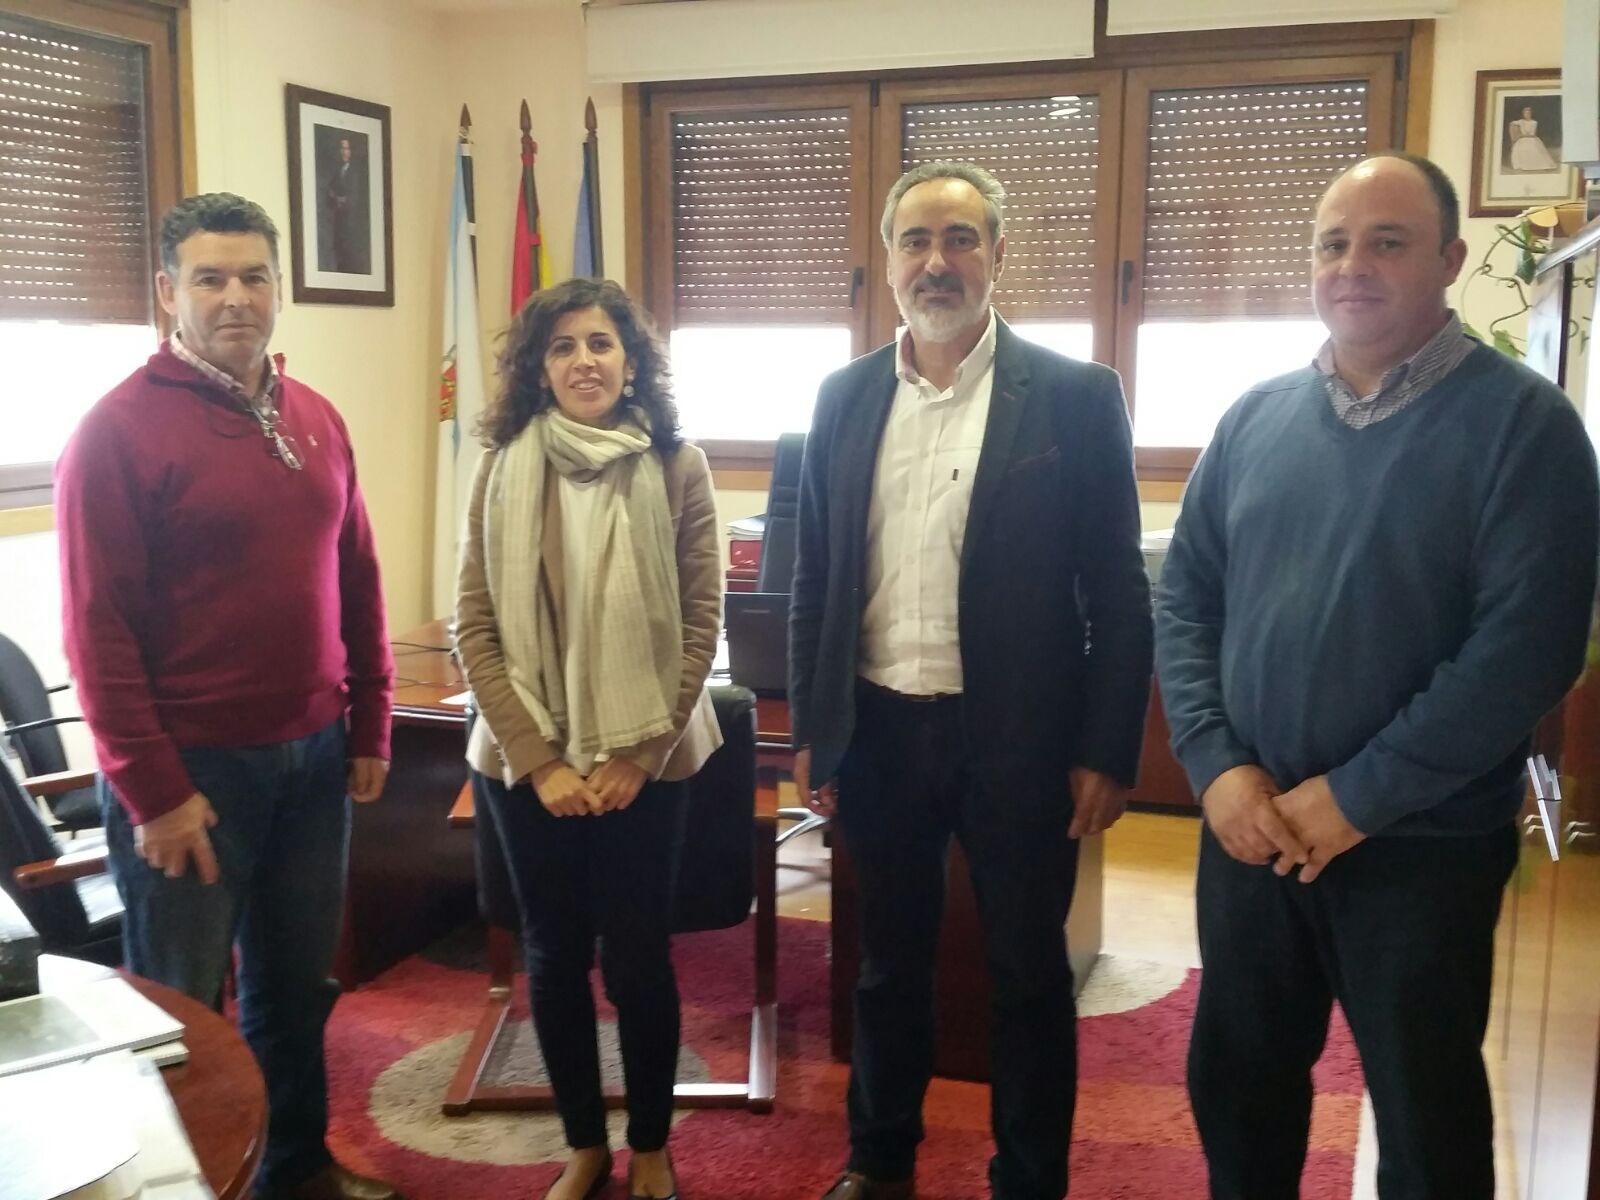 O Concello de Oia recibe a Cores Tourís, para manter un primeiro encontro institucional coa nova alcaldesa, Cristina Correa